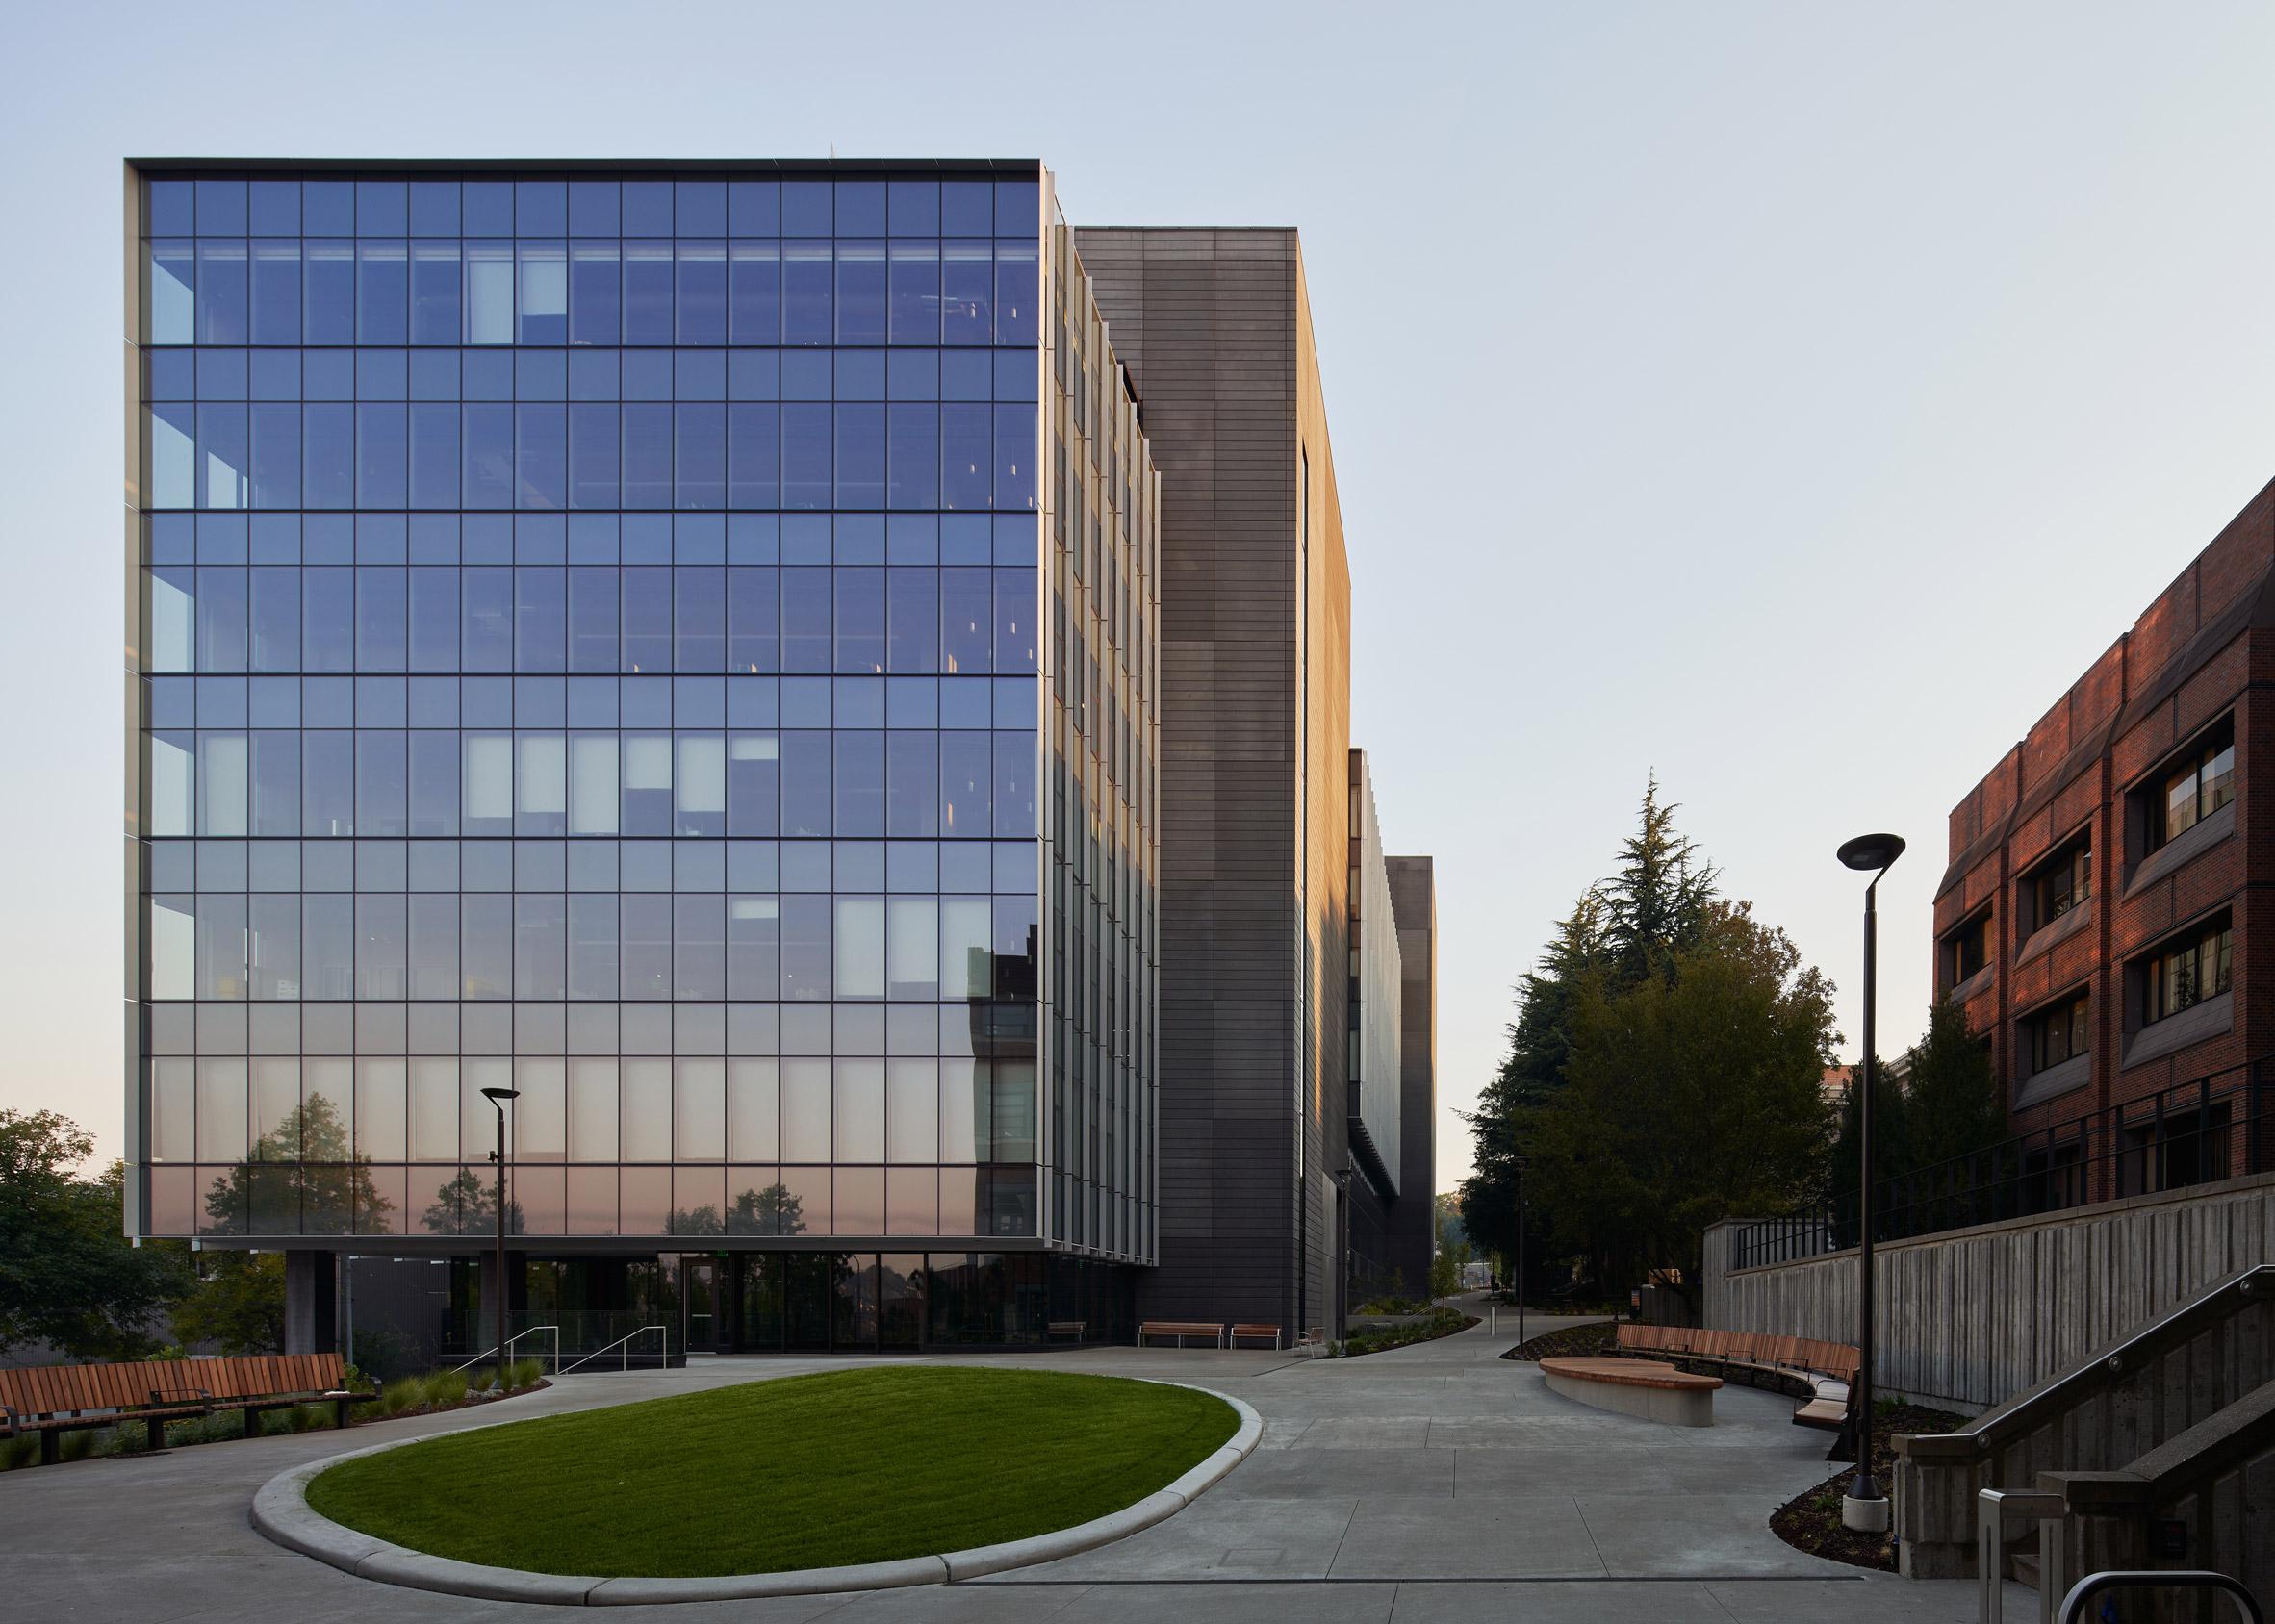 The Rosling Center is rectangular in shape